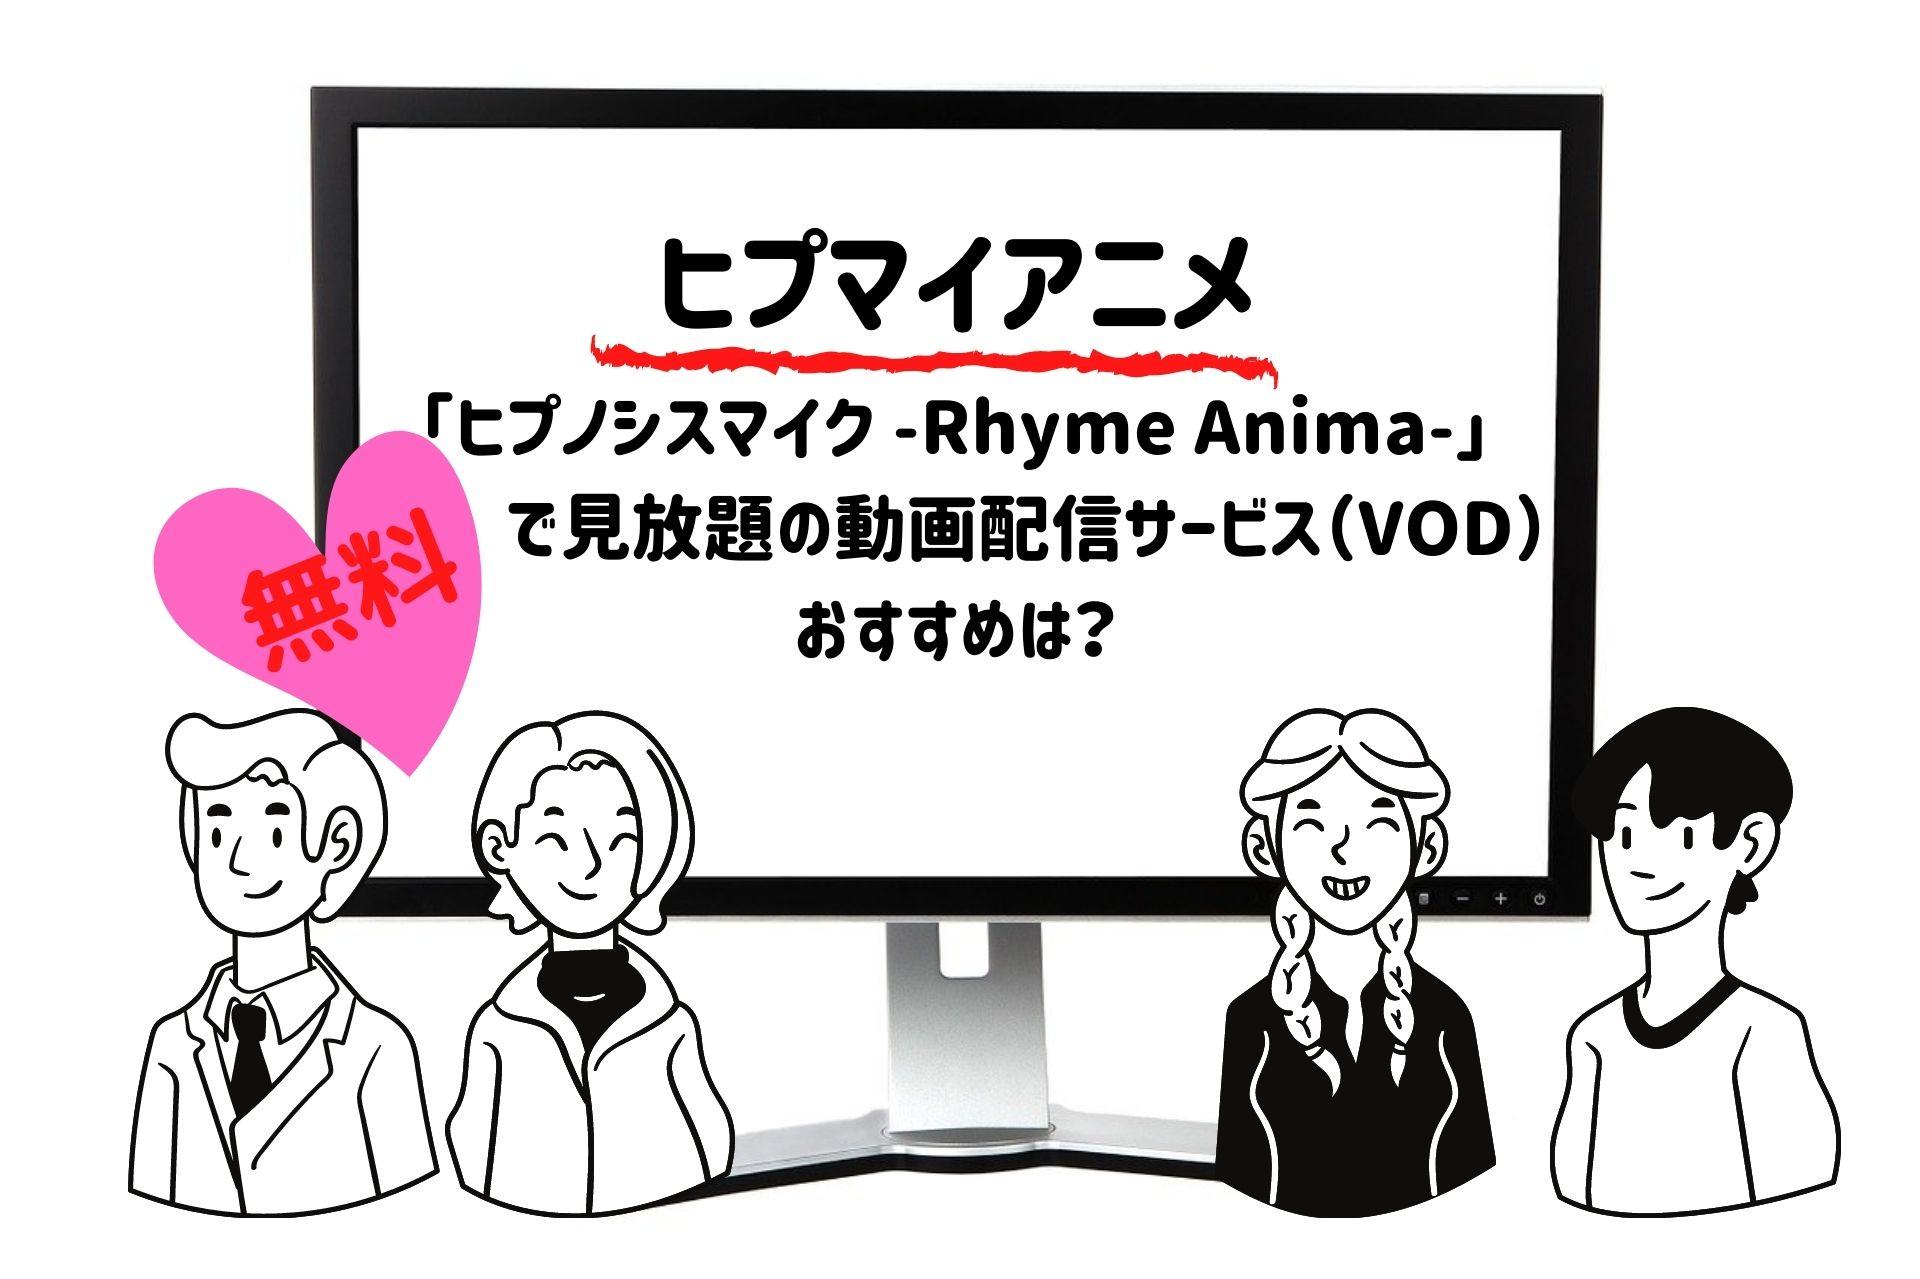 ヒプマイアニメ無料見放題動画配信サービスVOD